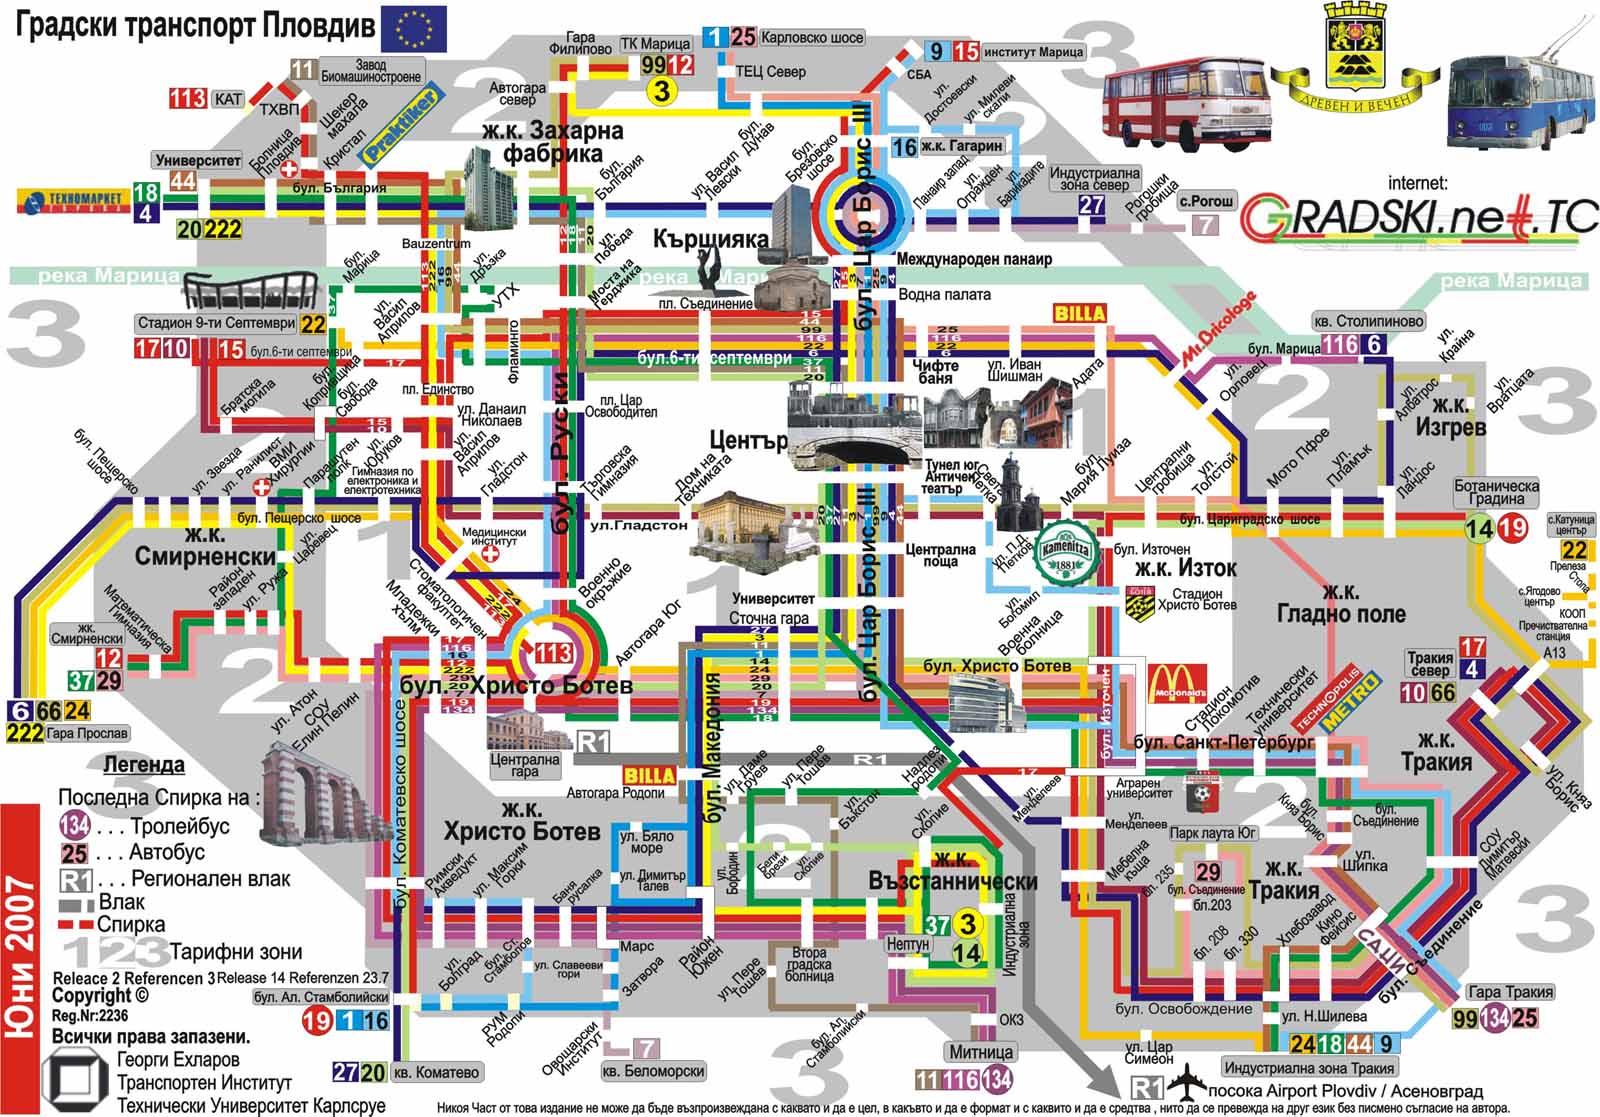 карта градски транспорт Пловдив